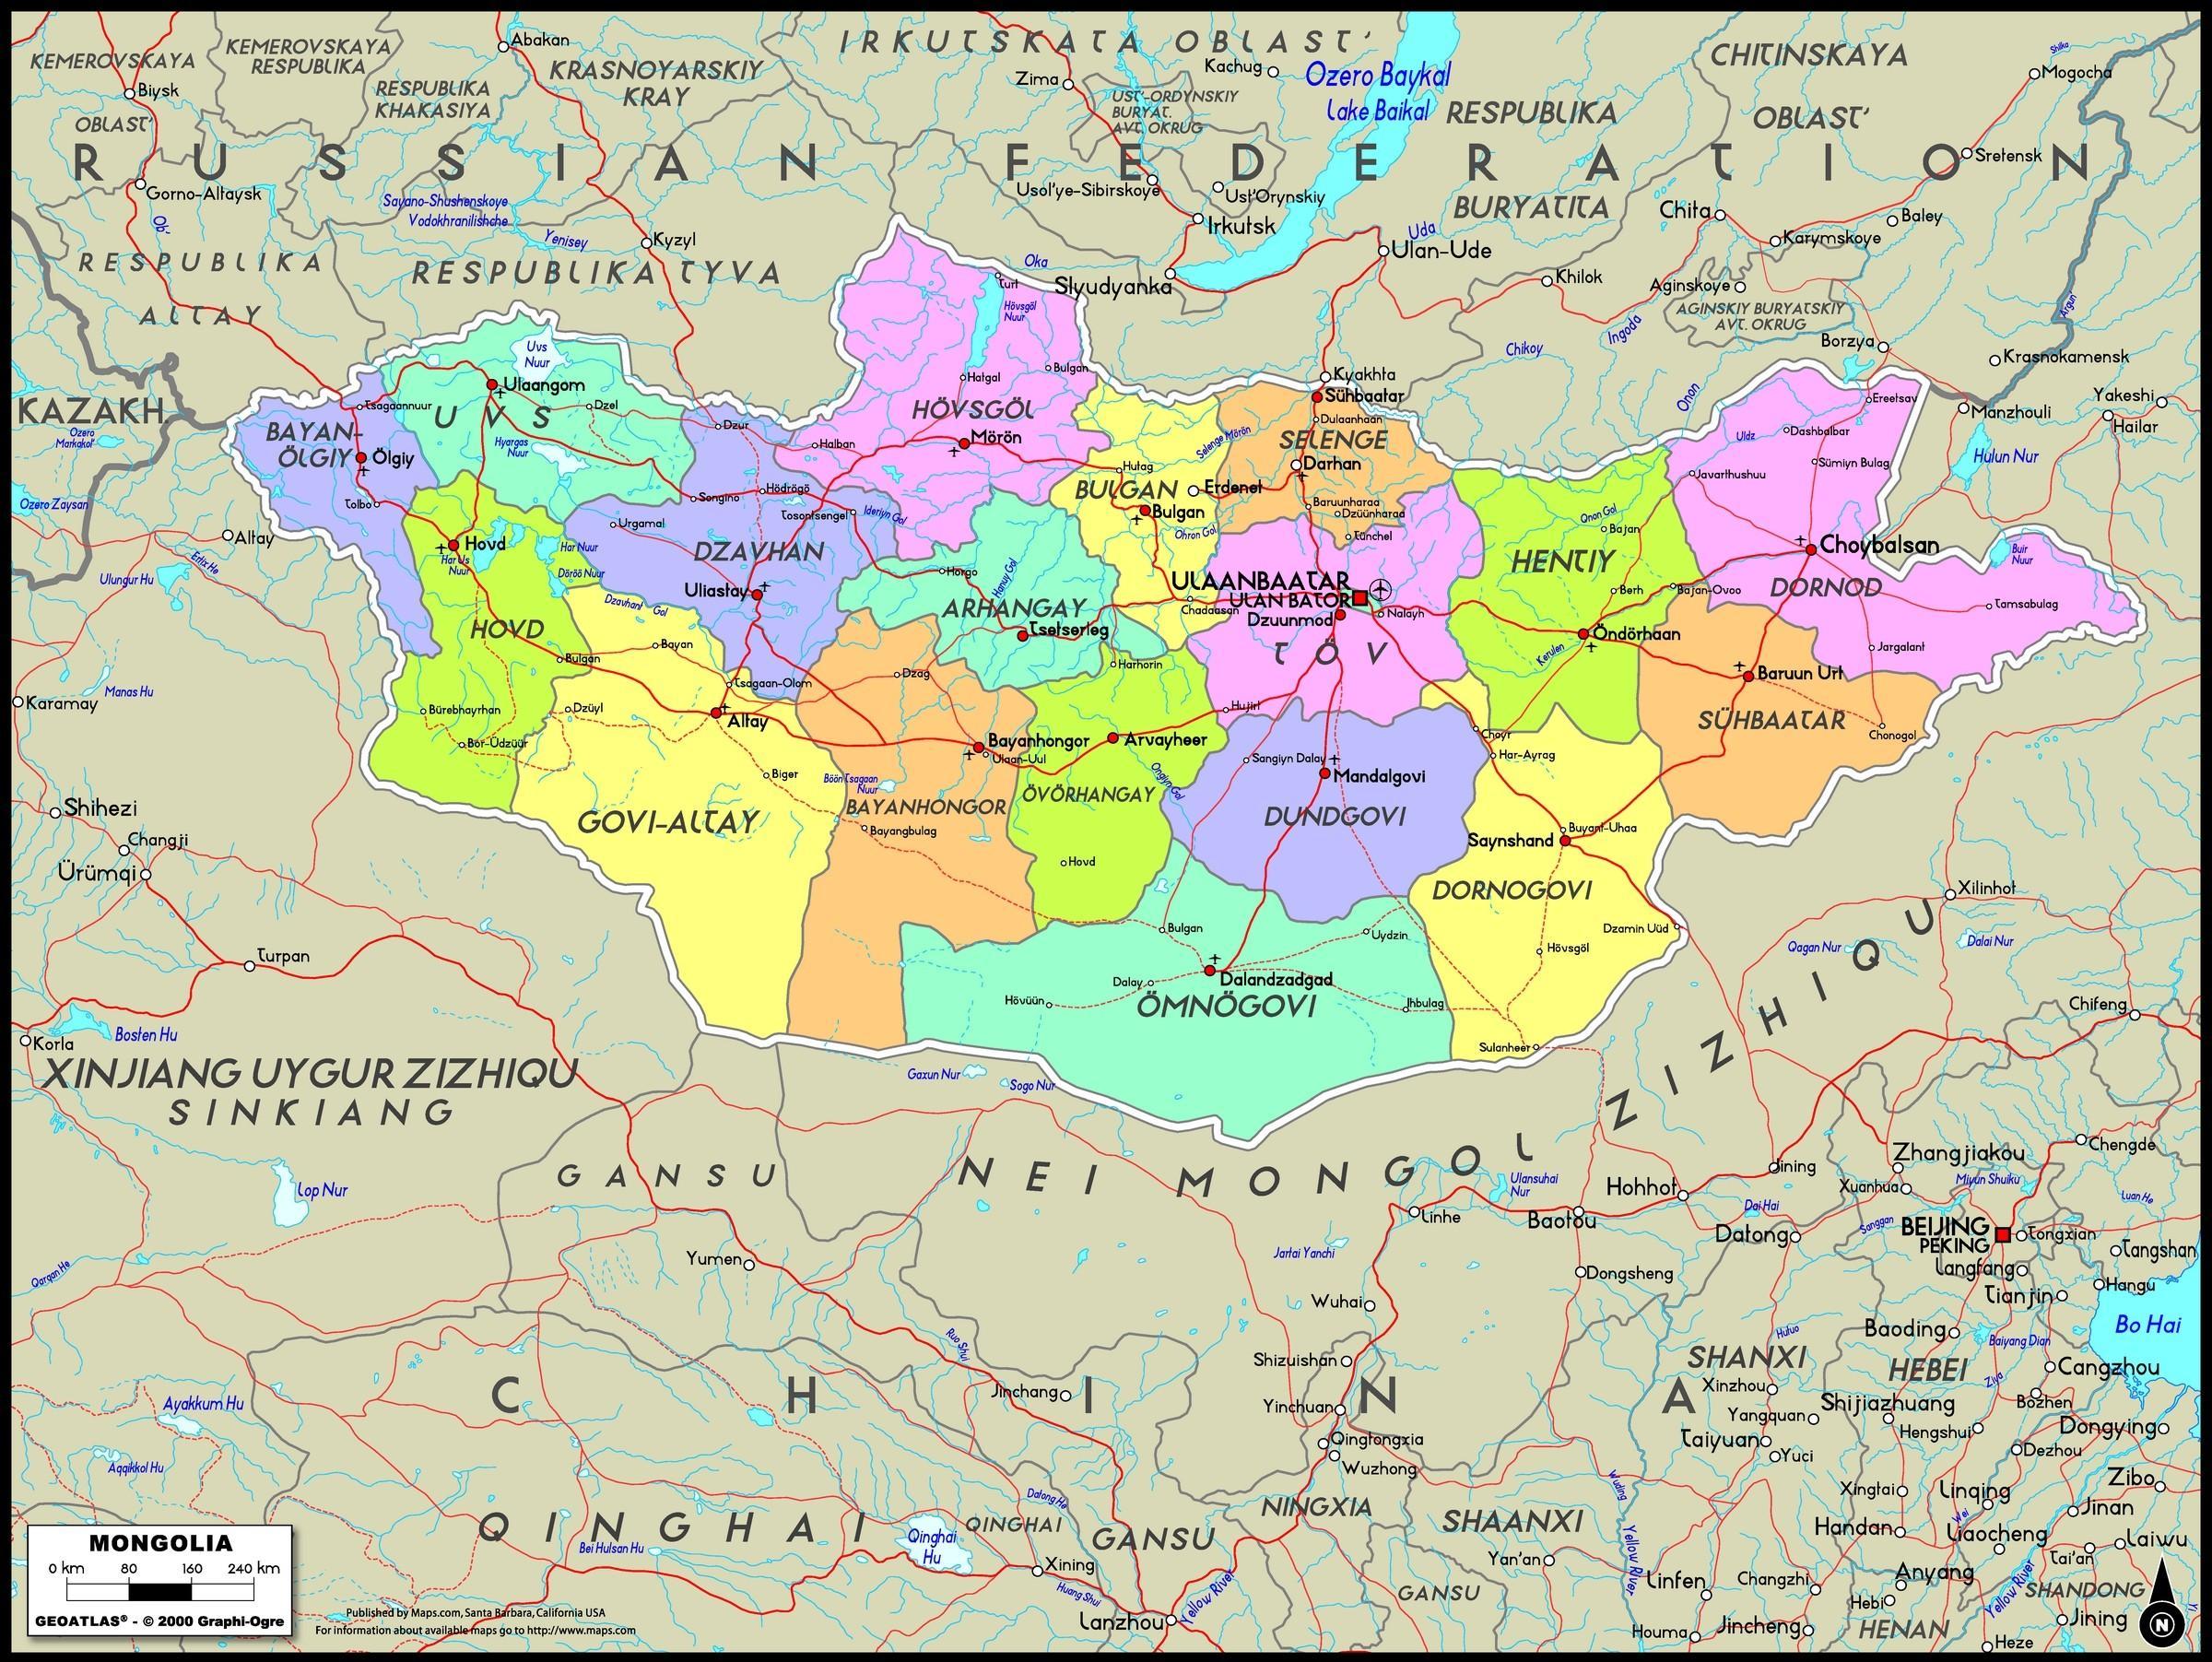 Kort Over Mongoliet Fysisk Kort Af Mongoliet Ostlige Asien Asien